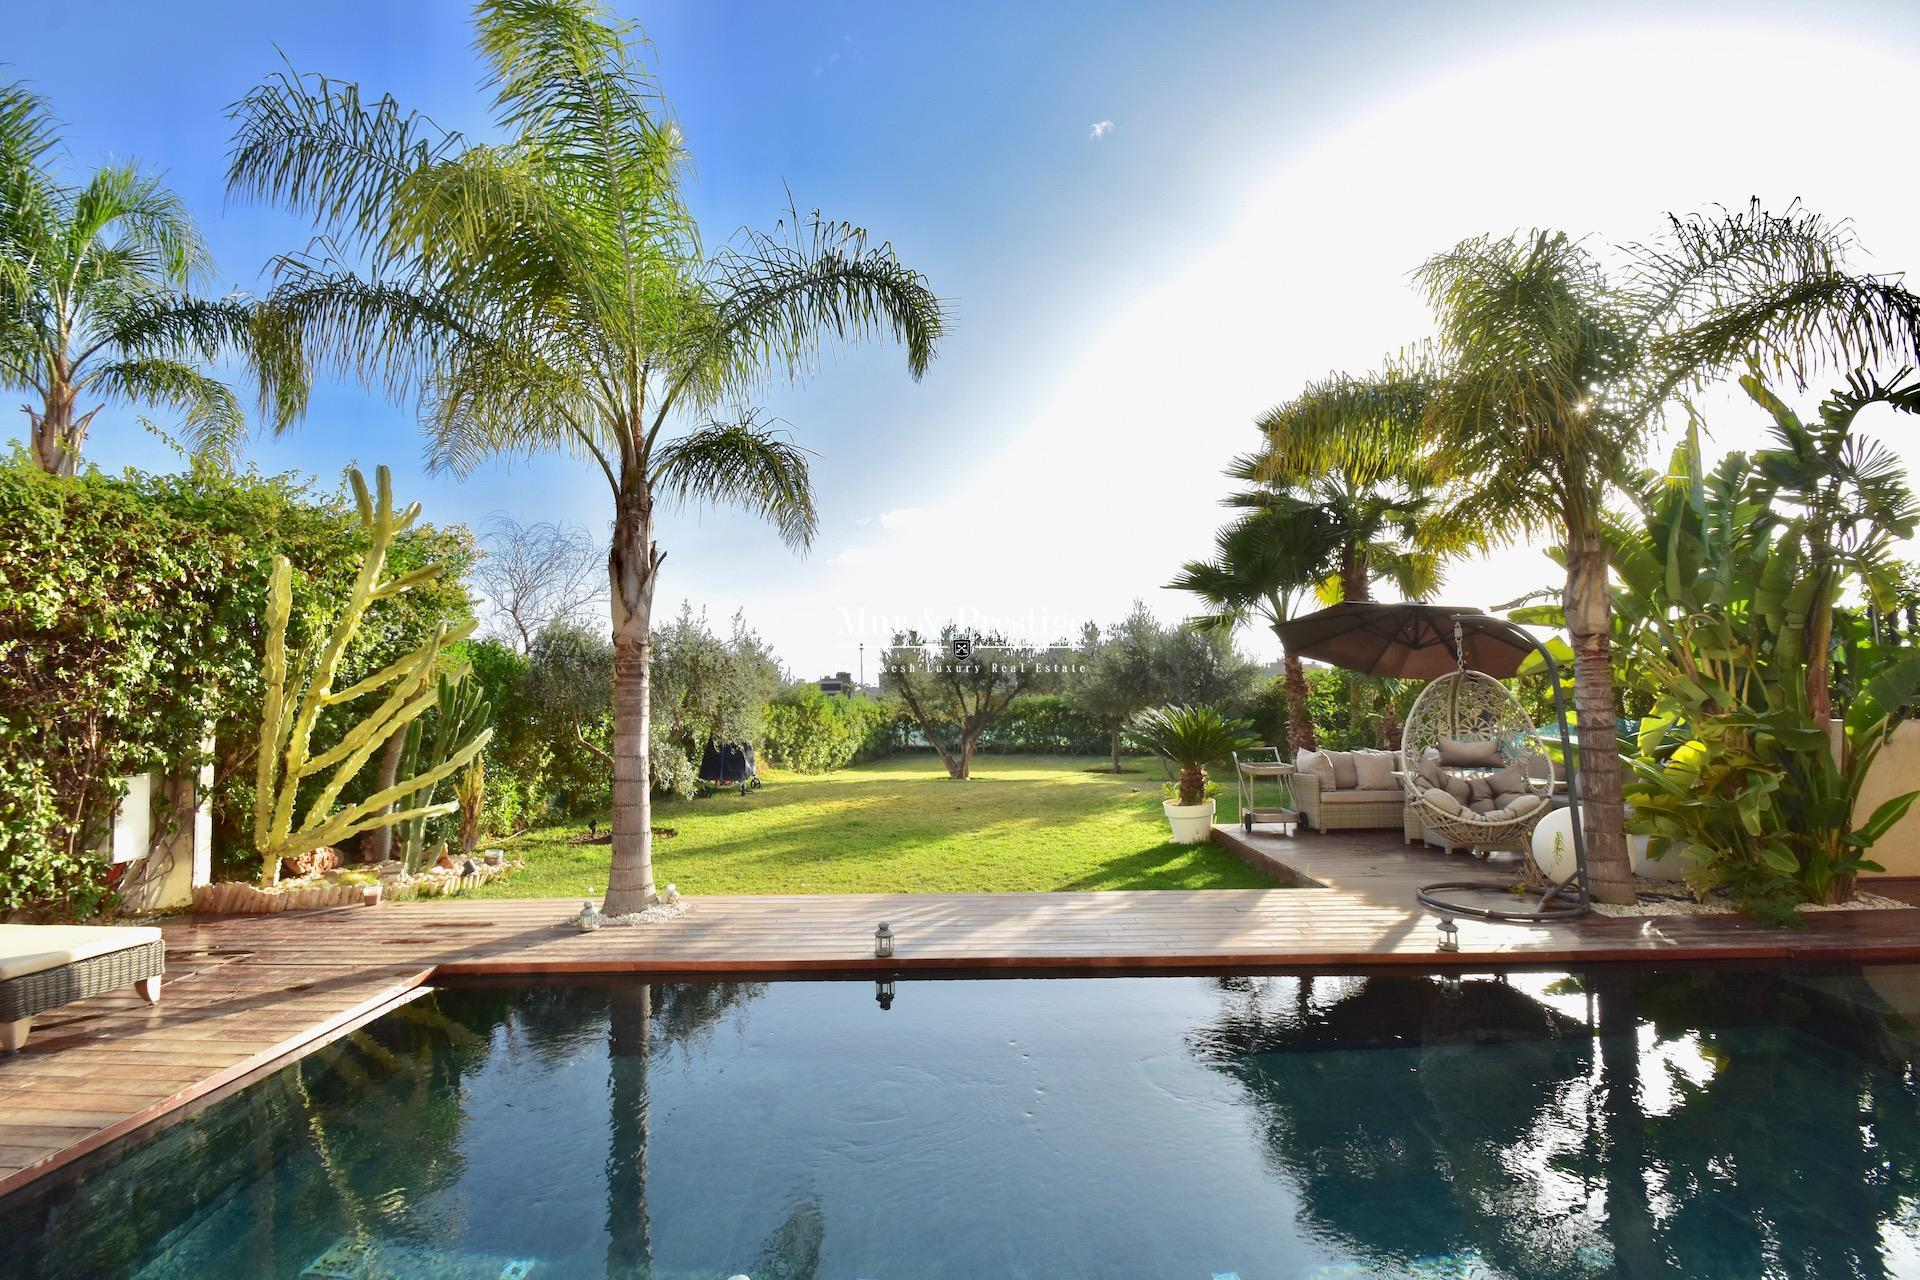 Agence immobilière Marrakech - Maison en 1ère ligne de golf à vendre